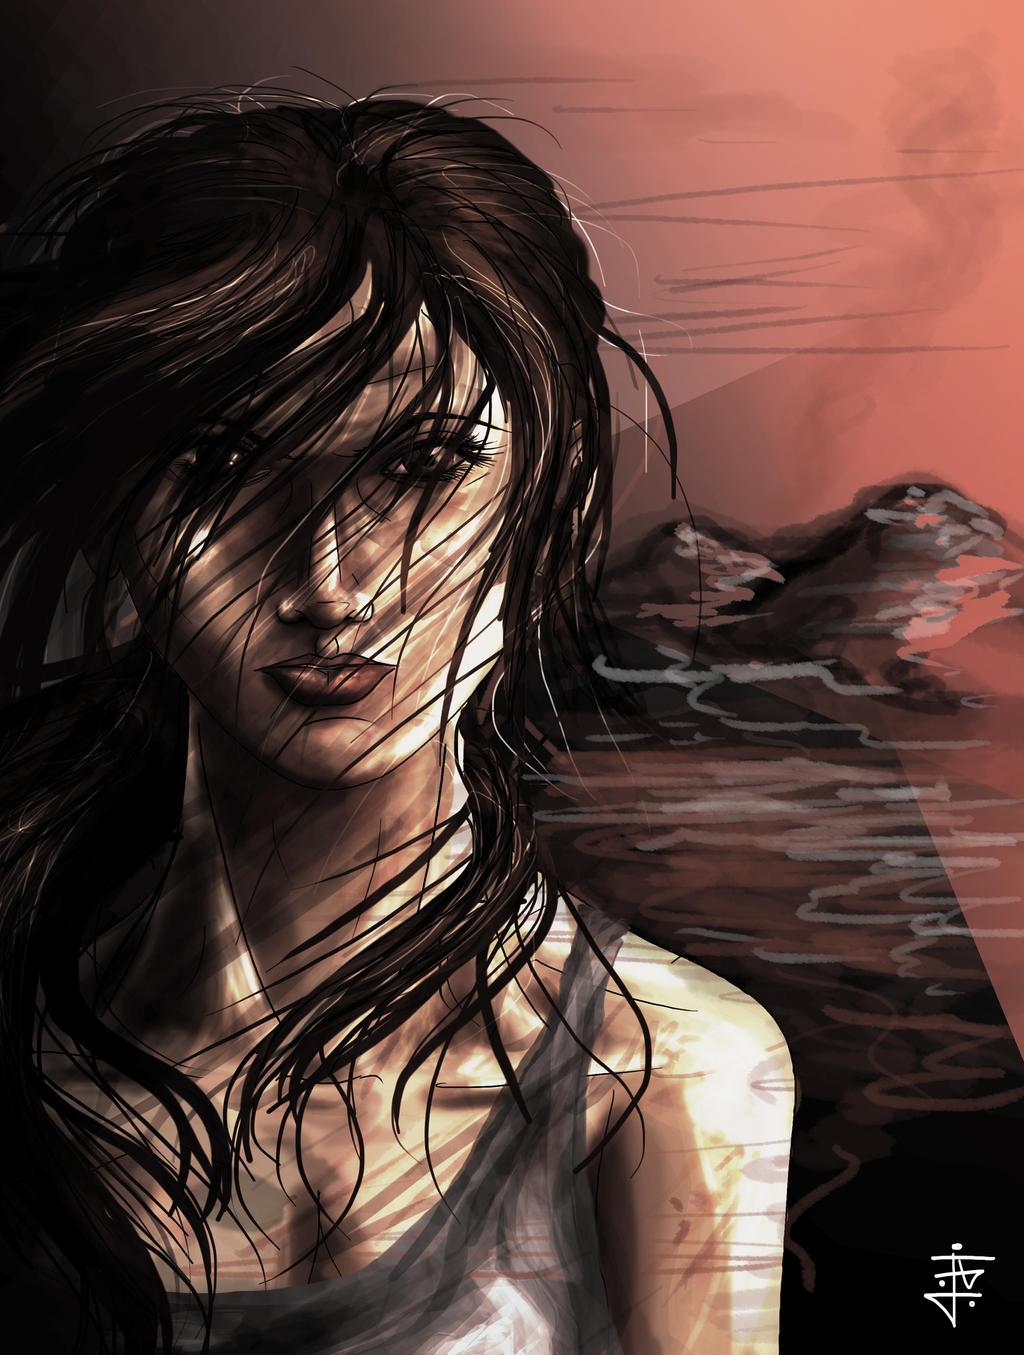 Lara Croft - Tomb Raider Reborn by JohnnyClark